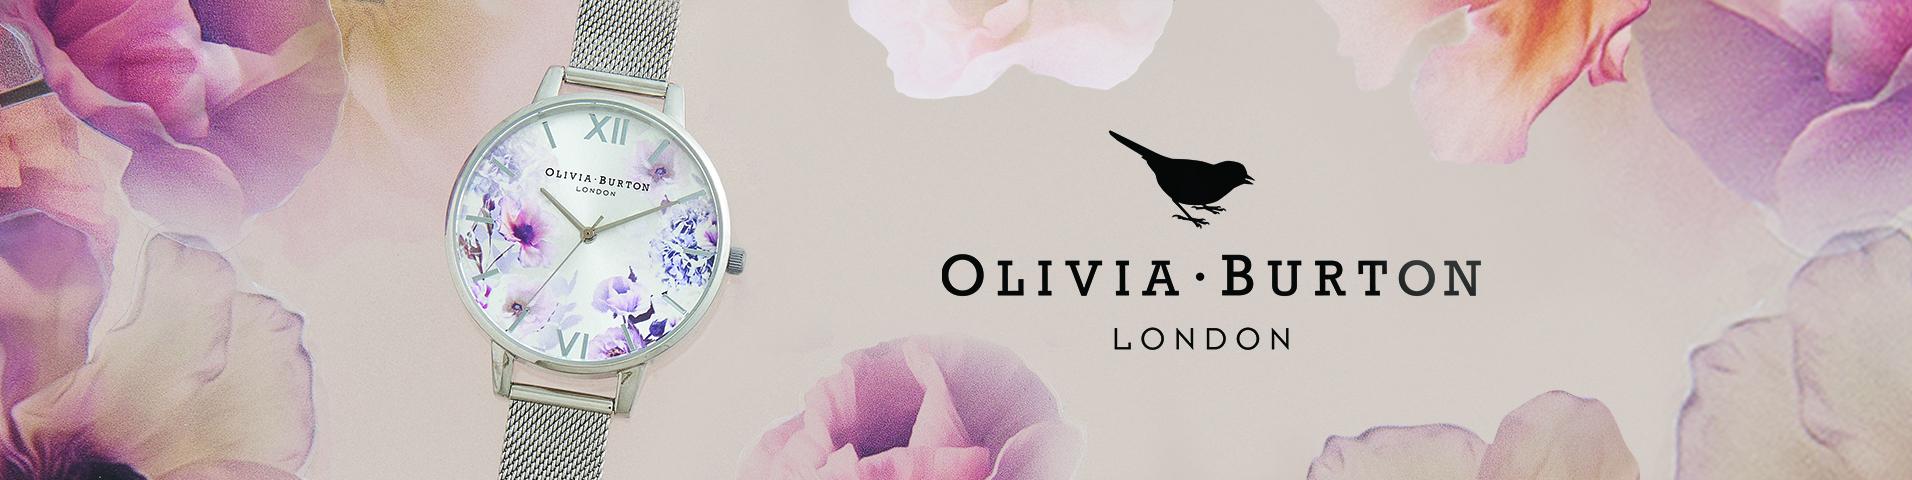 e70b74985f0b SALE! Jetzt die besten Olivia Burton Sale Angebote shoppen